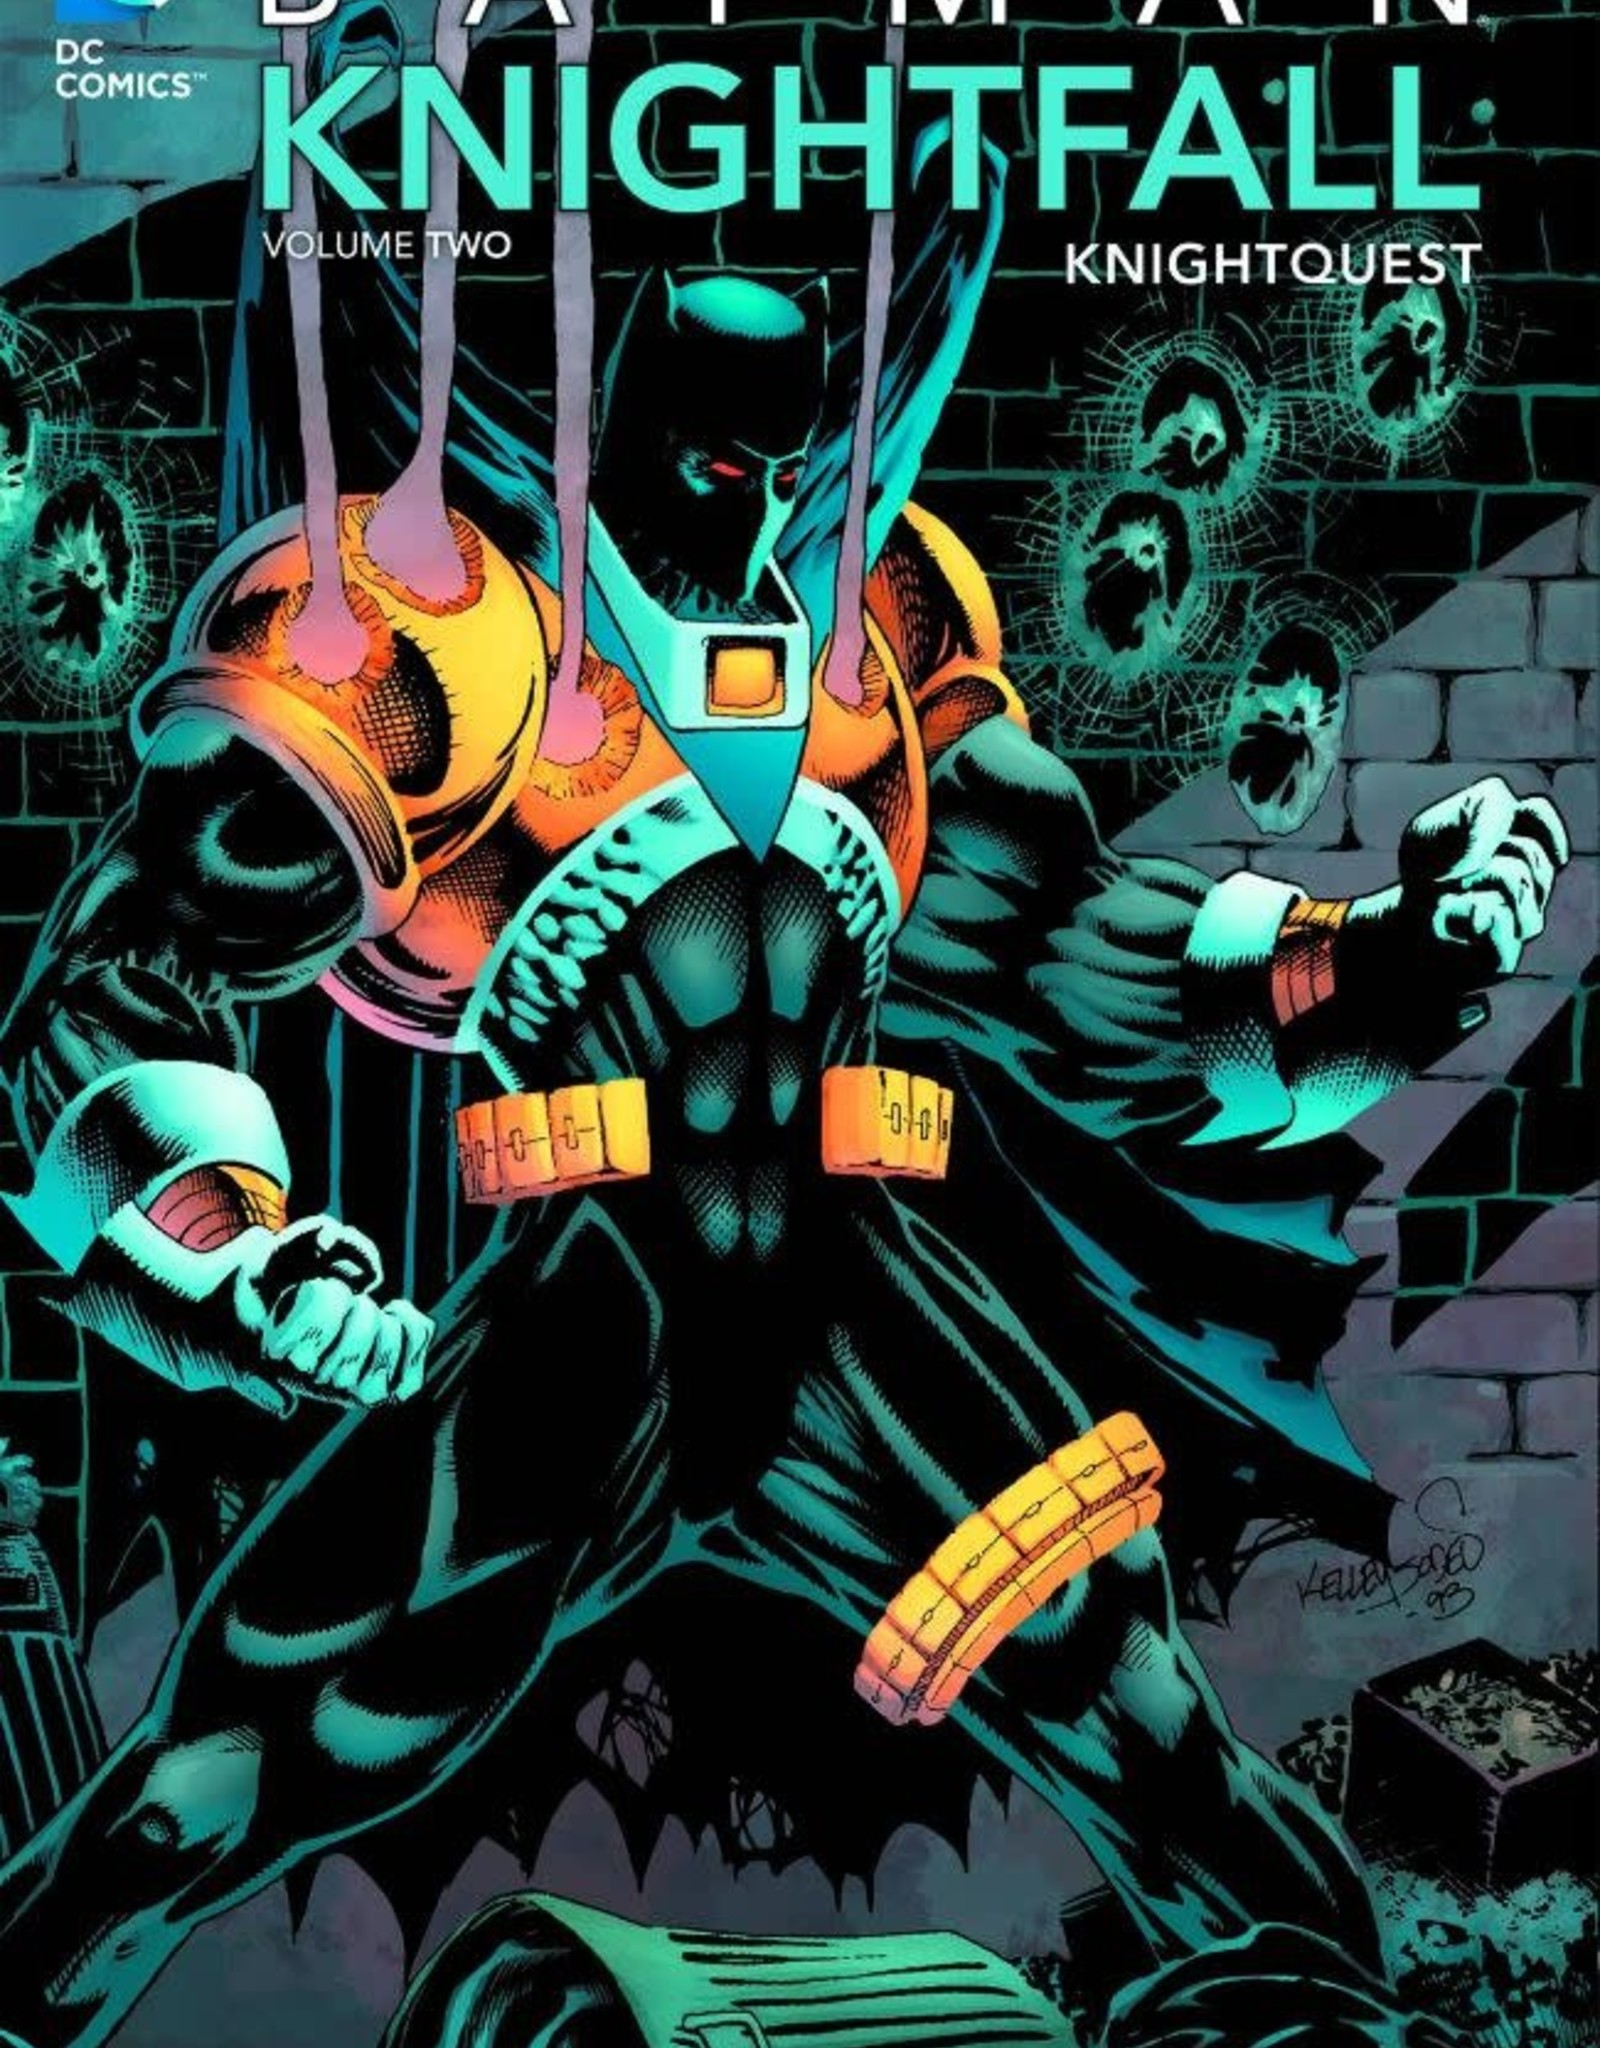 DC Comics Batman Knightfall TP New Ed Vol 02 Knightquest